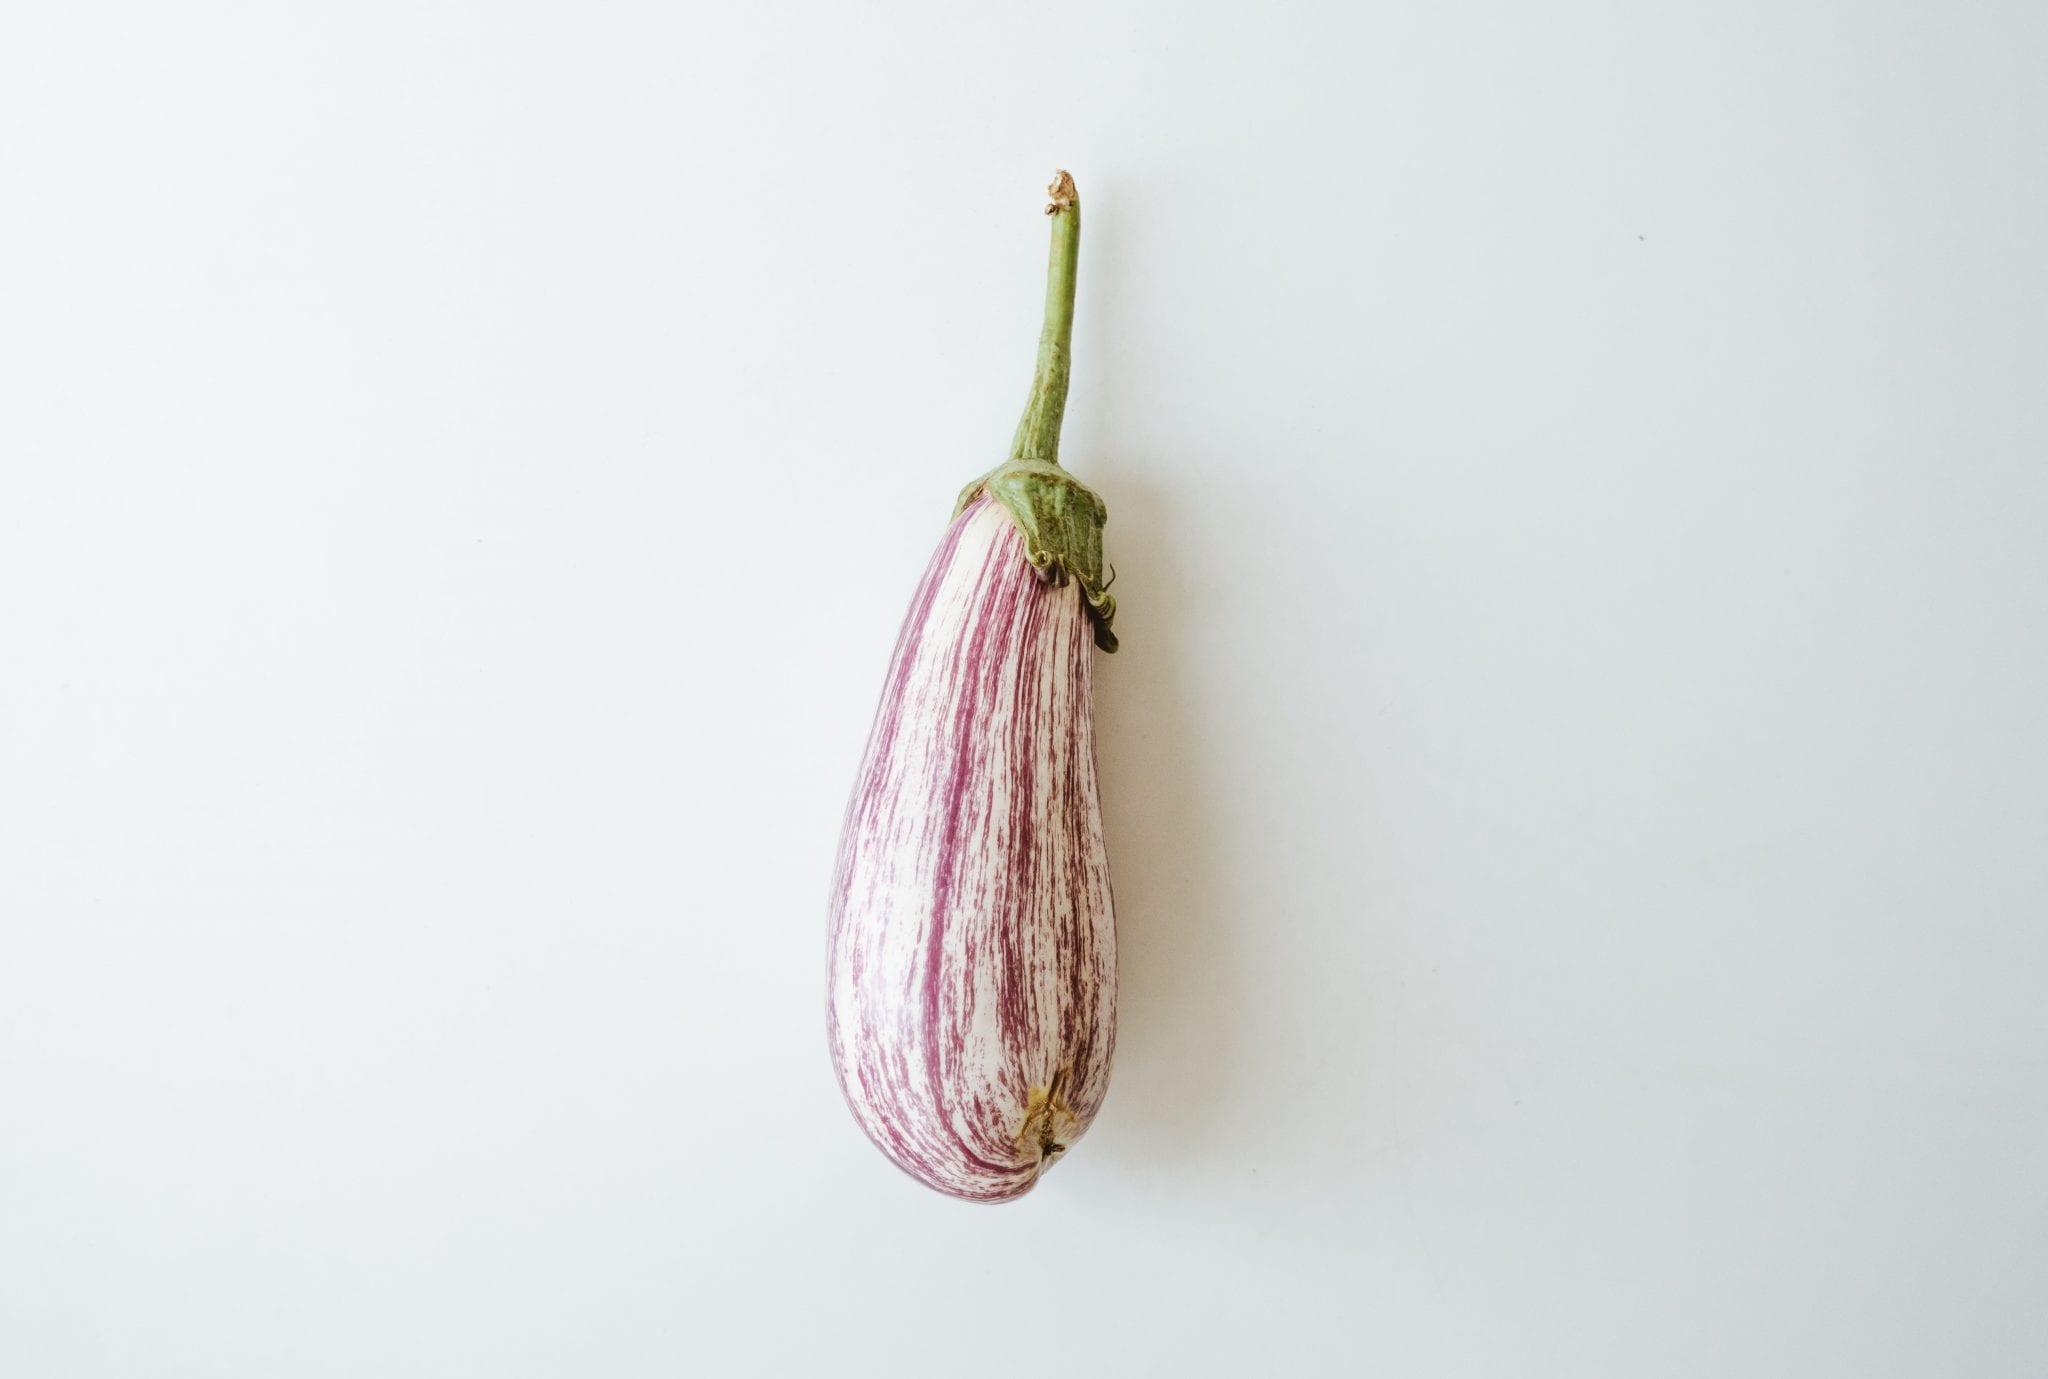 Eggplant health snack